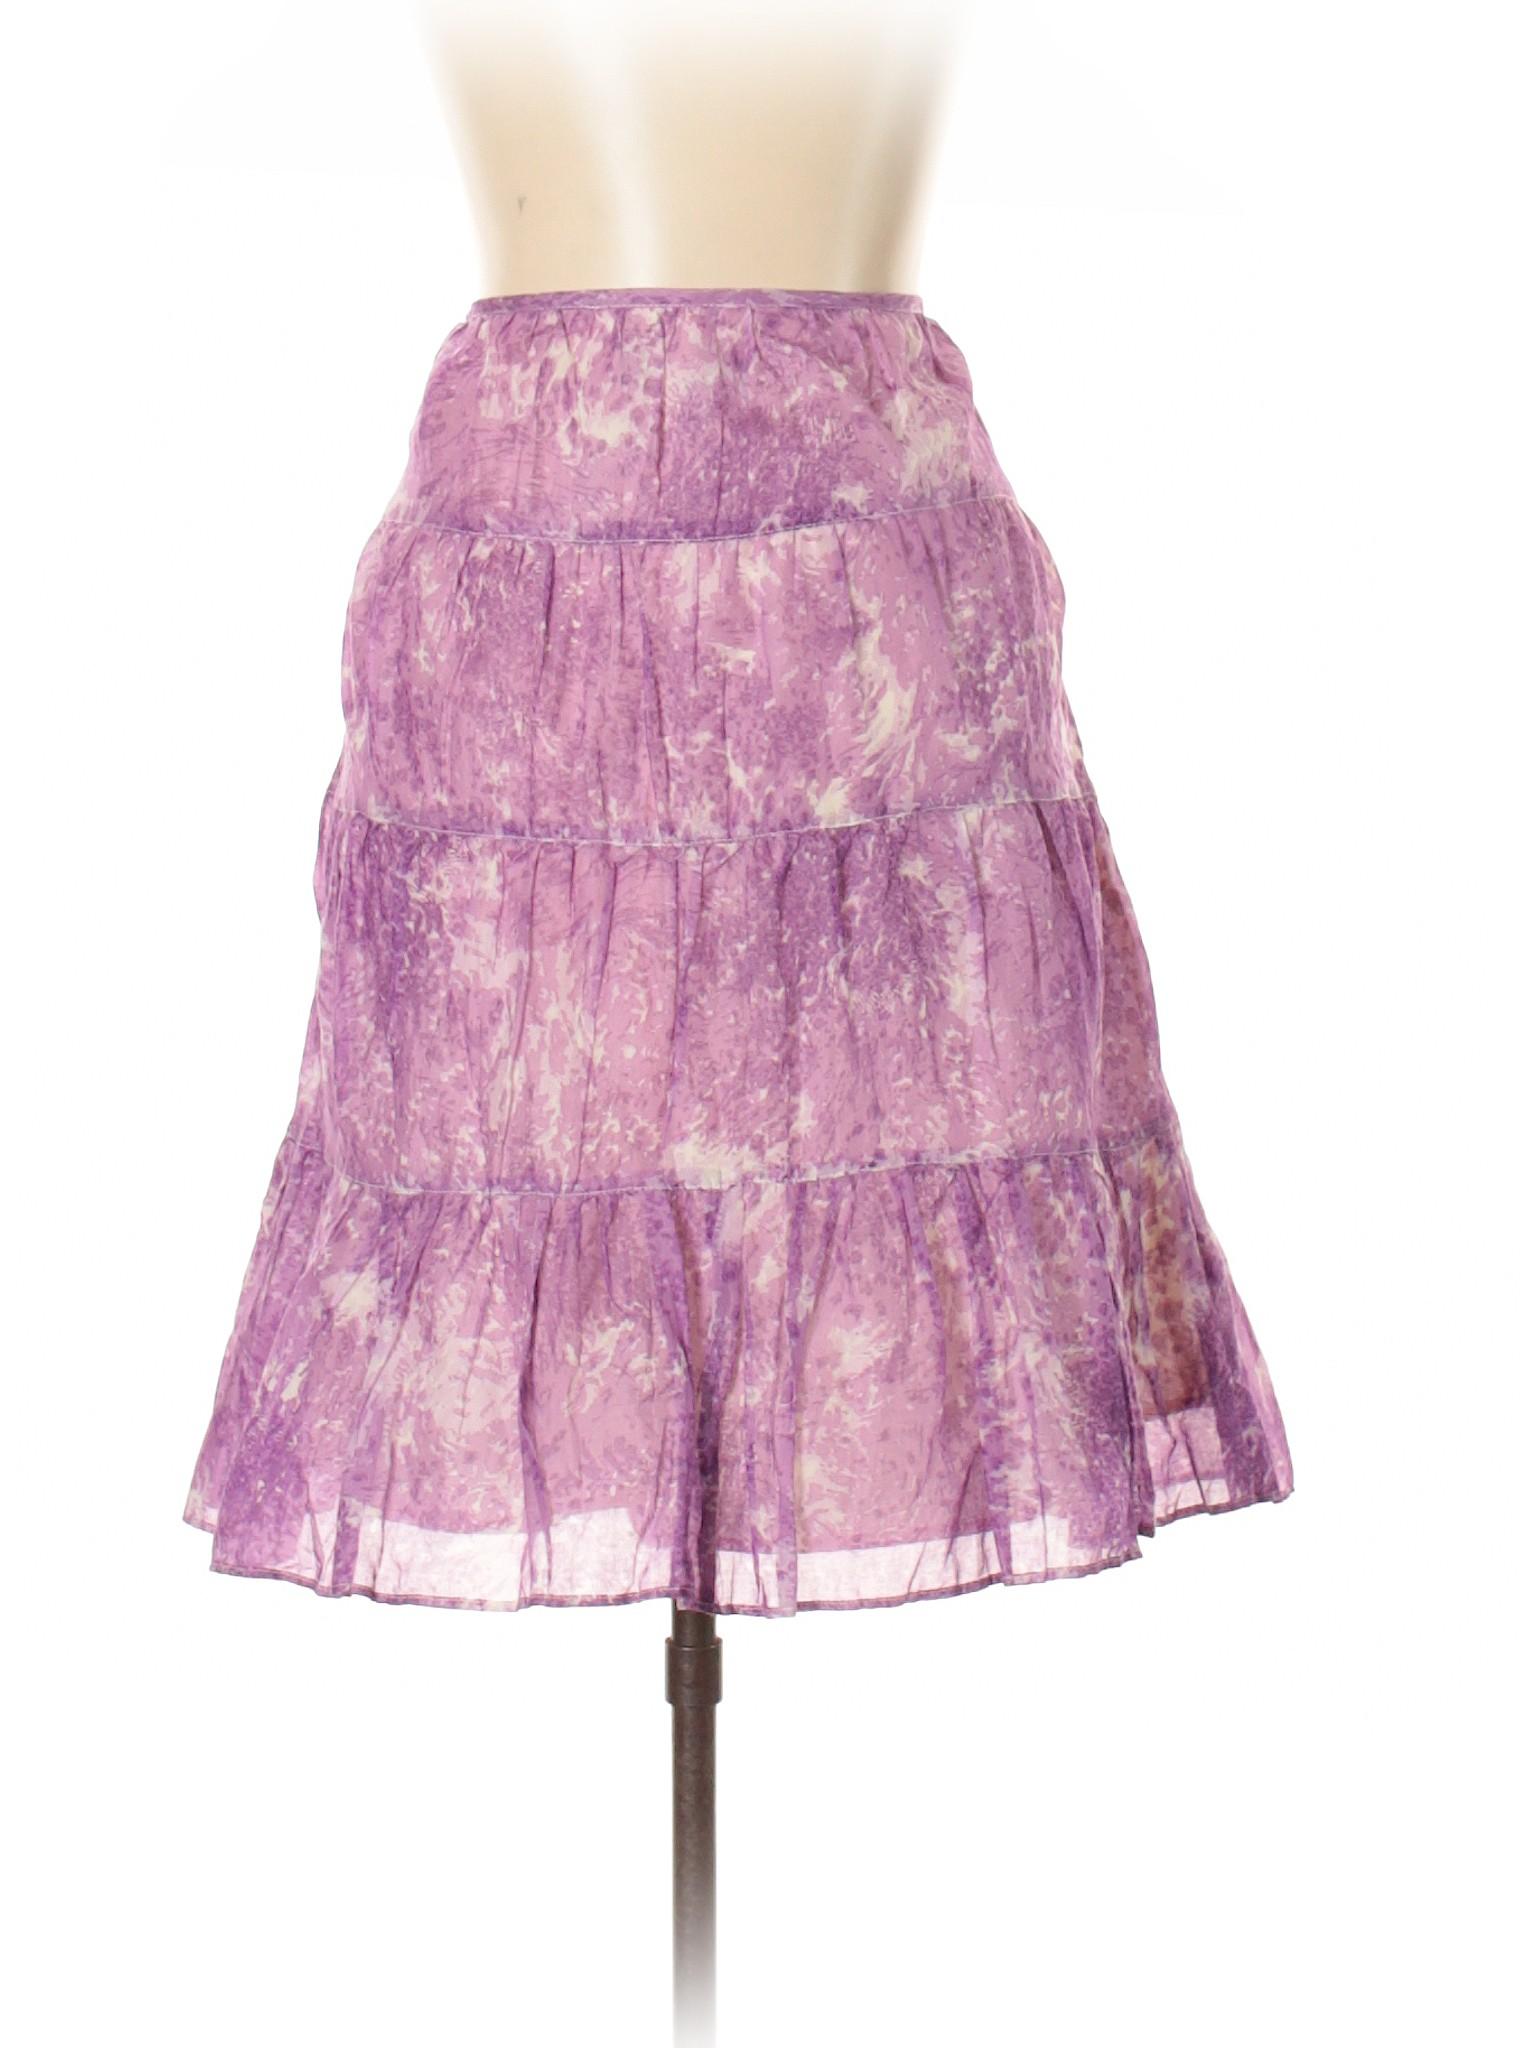 Skirt Boutique Casual Talbots leisure leisure Boutique wOdW6qqX